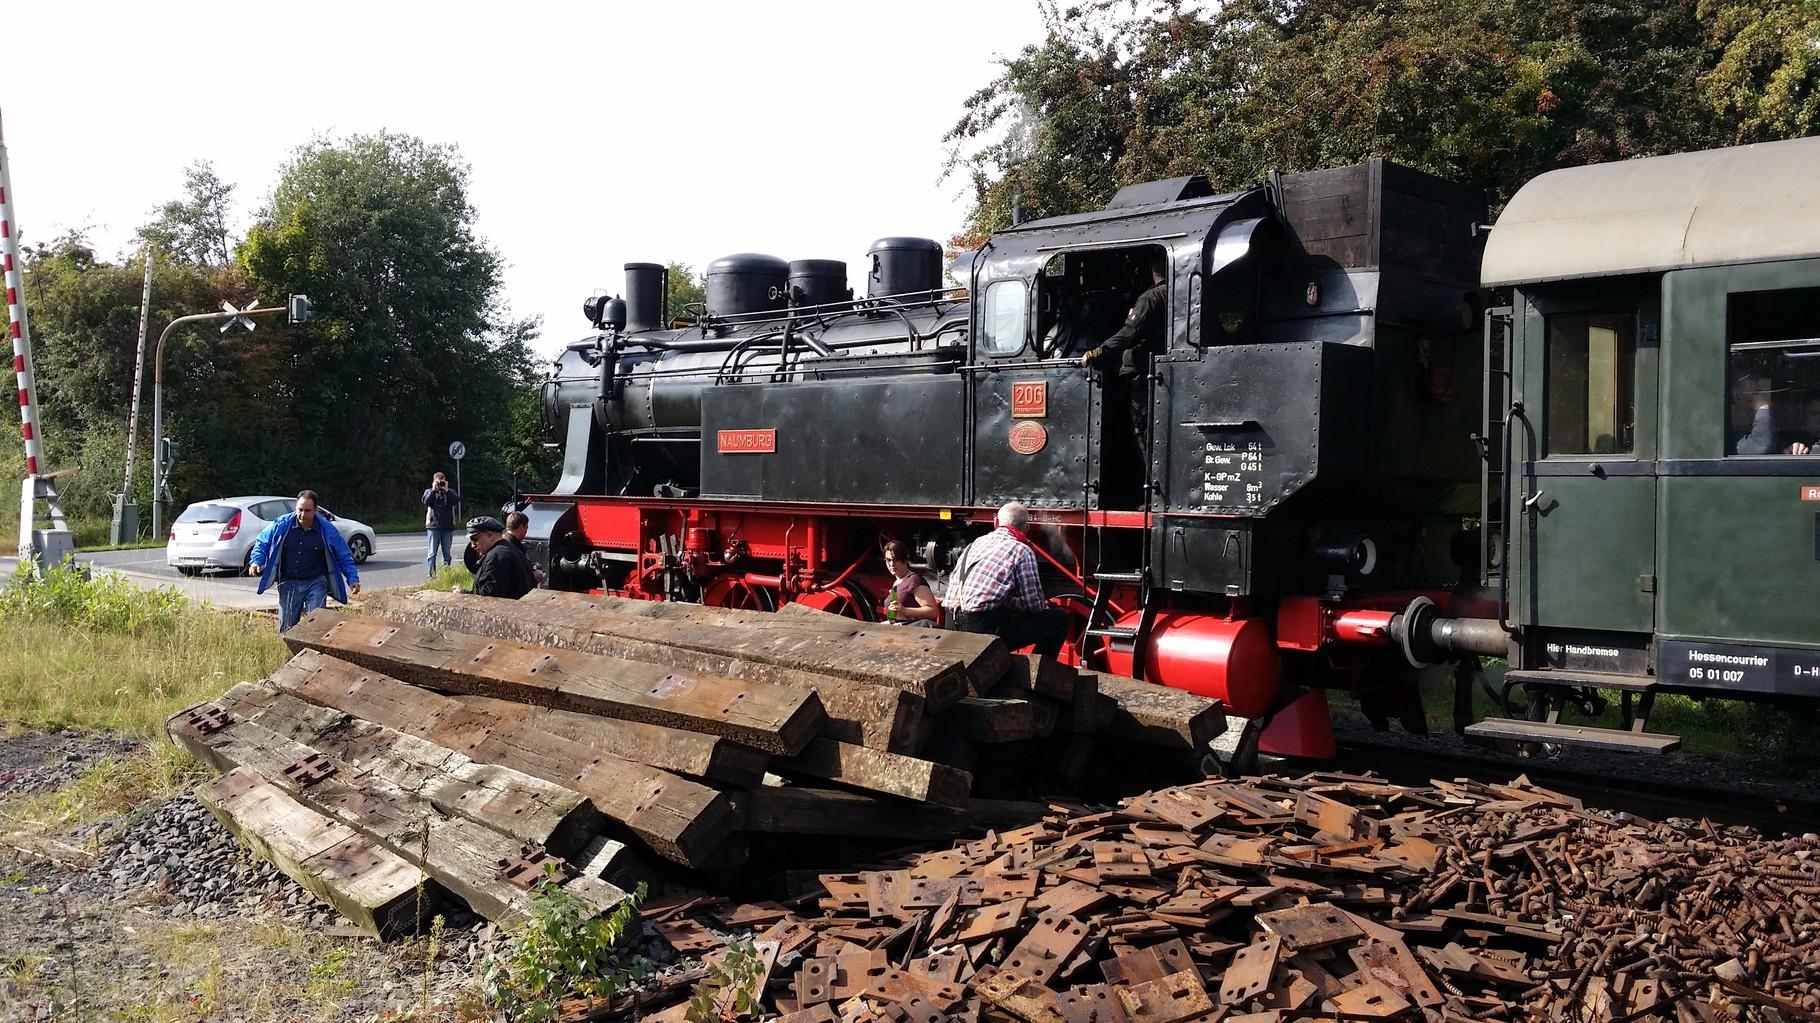 Dampflok HC 206 - Stadt Naumburg